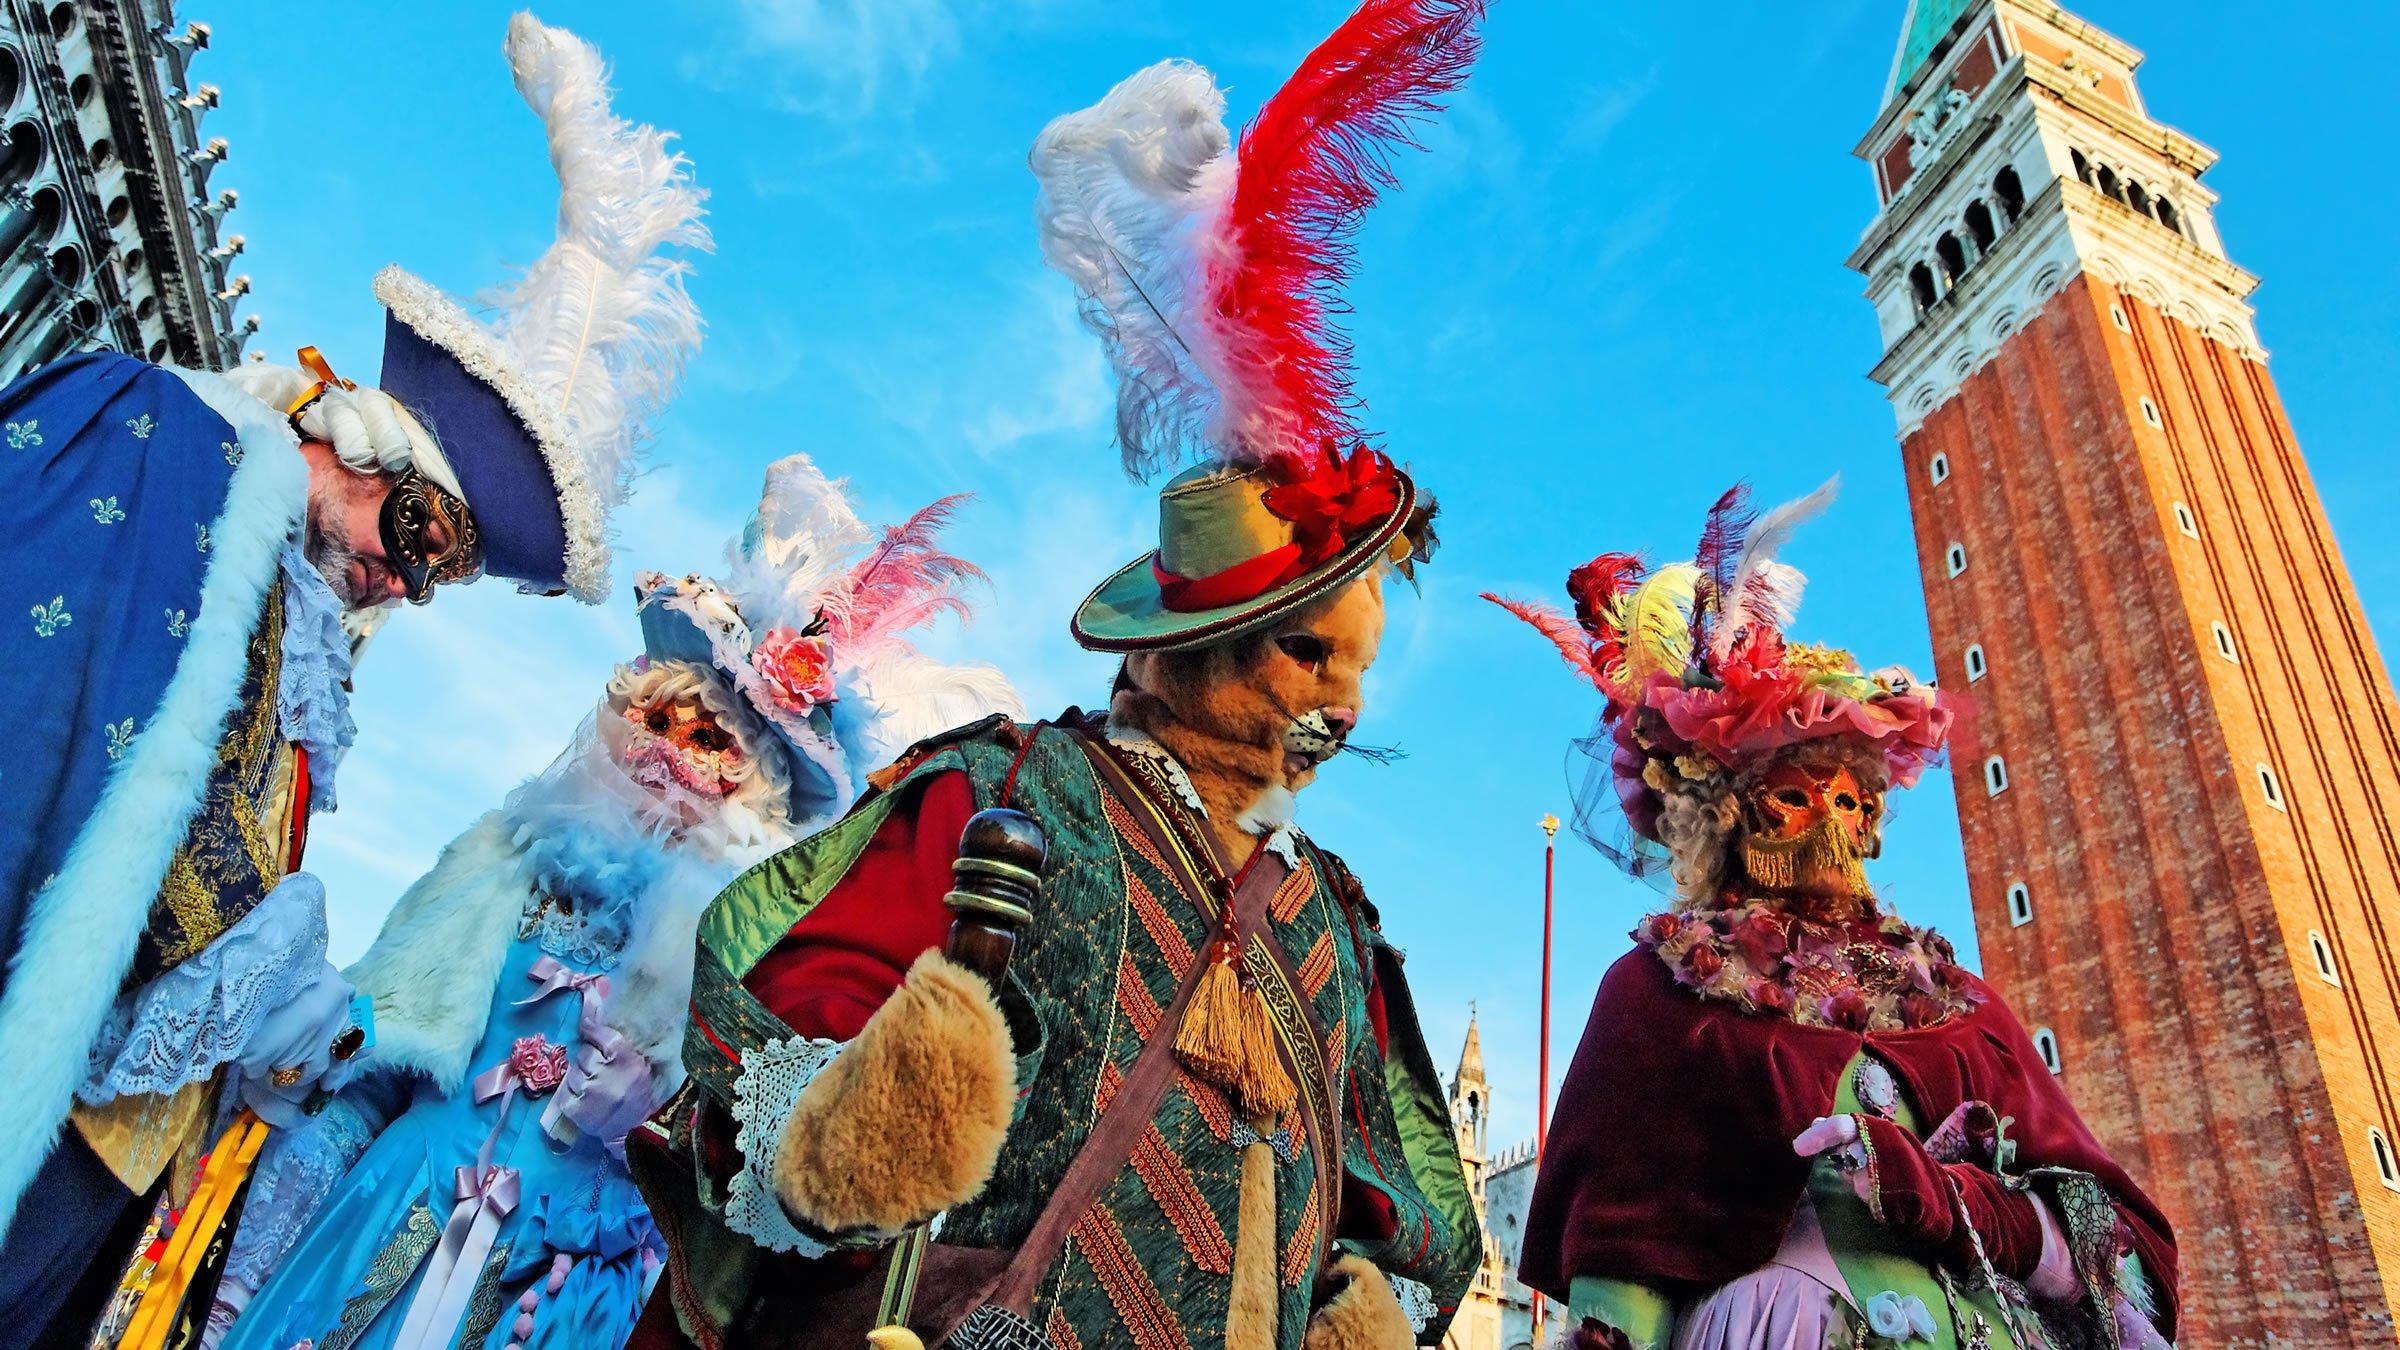 Trajes típicos del Carnaval de Venecia en la Piazza San Marco